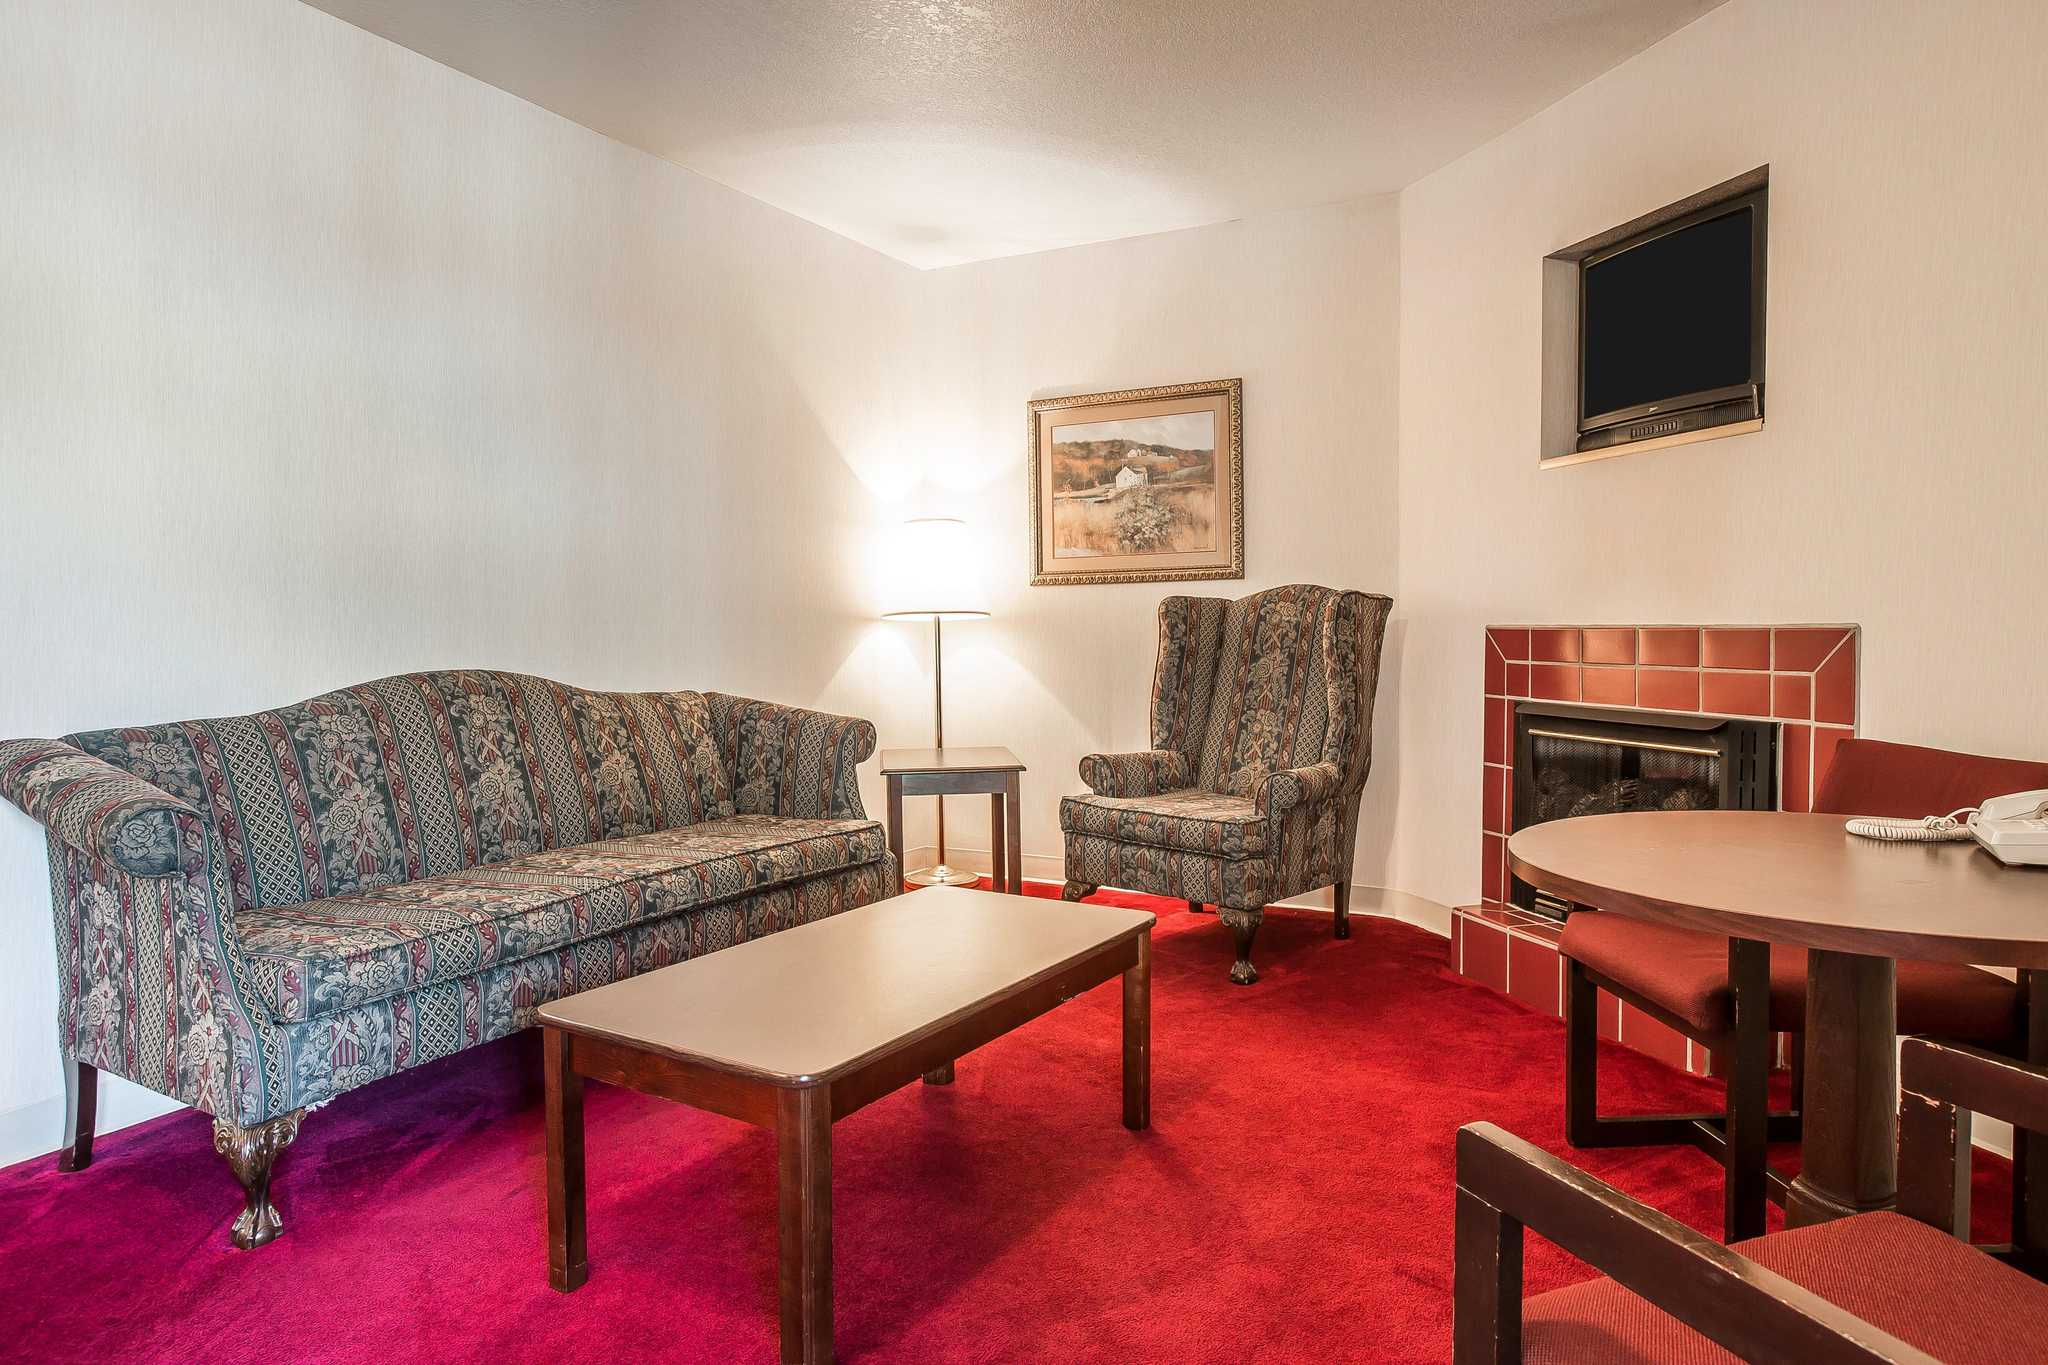 Quality Inn & Suites Mt. Chalet image 26